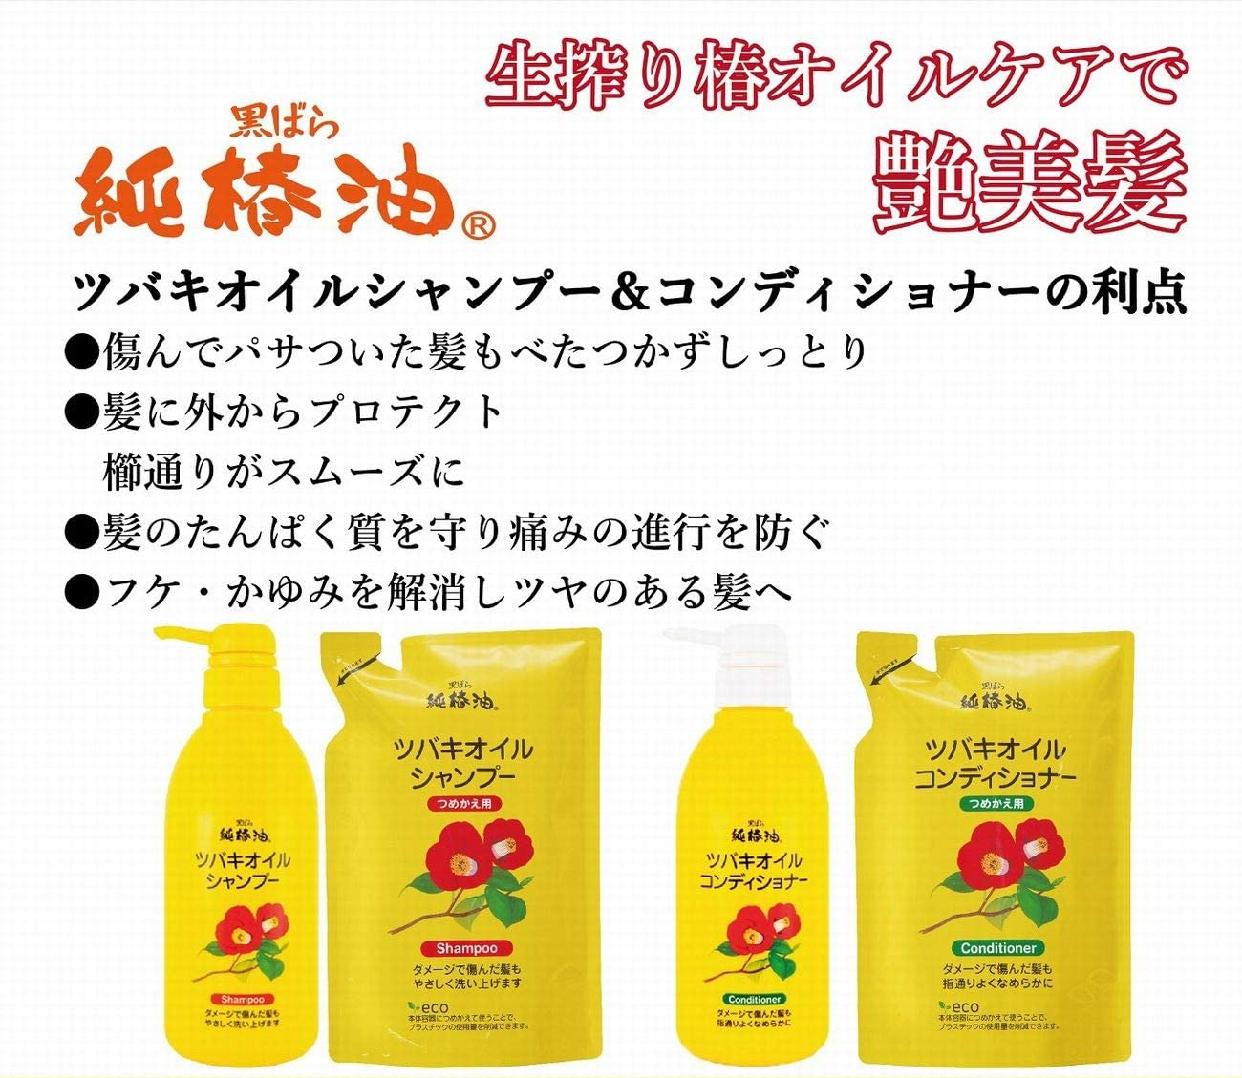 純椿油 ツバキオイル シャンプーの商品画像2